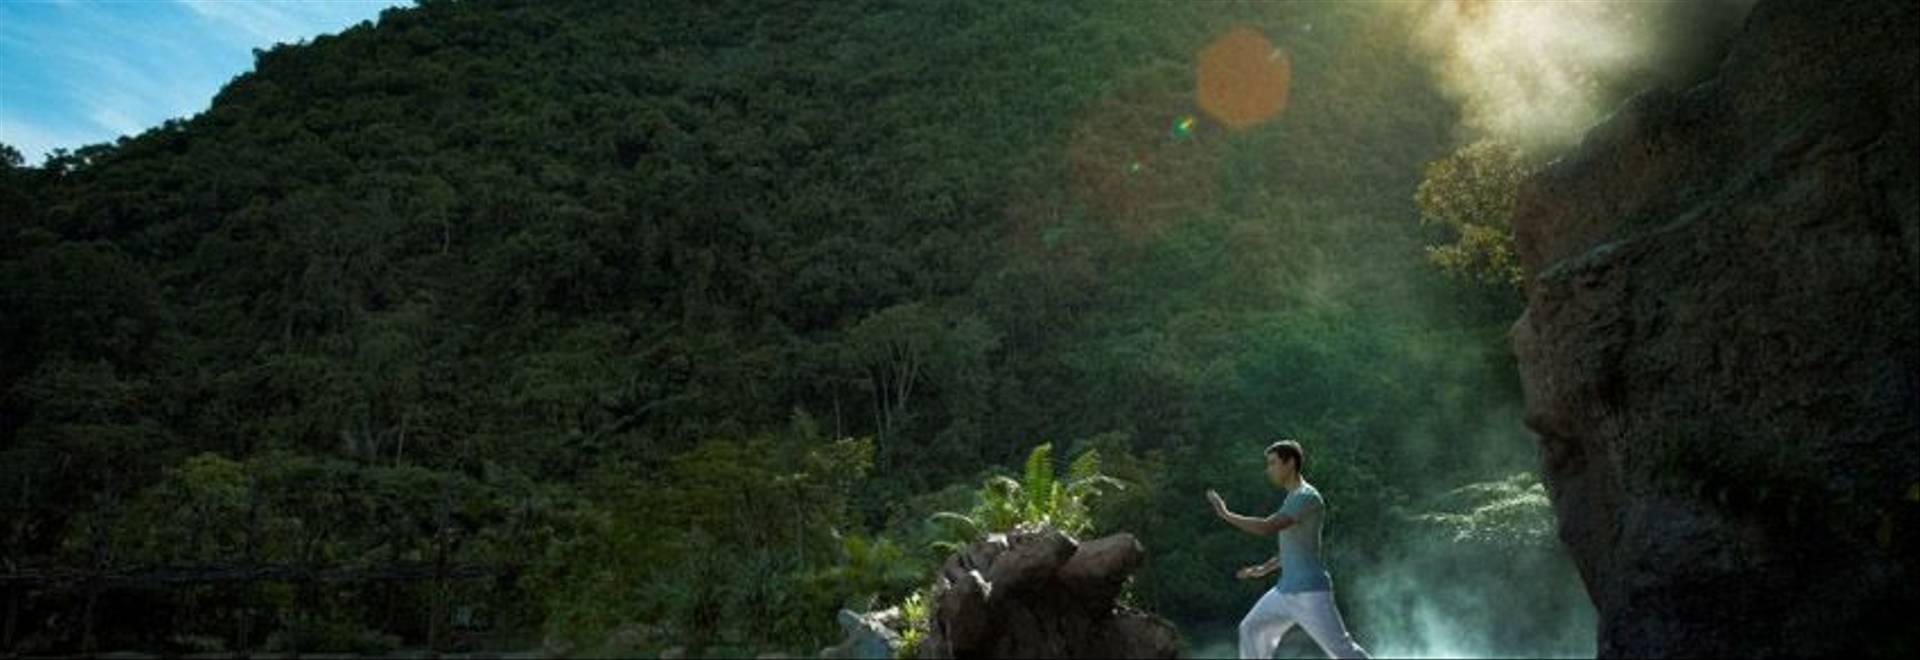 The-Banjaran-taichi-practice.jpg